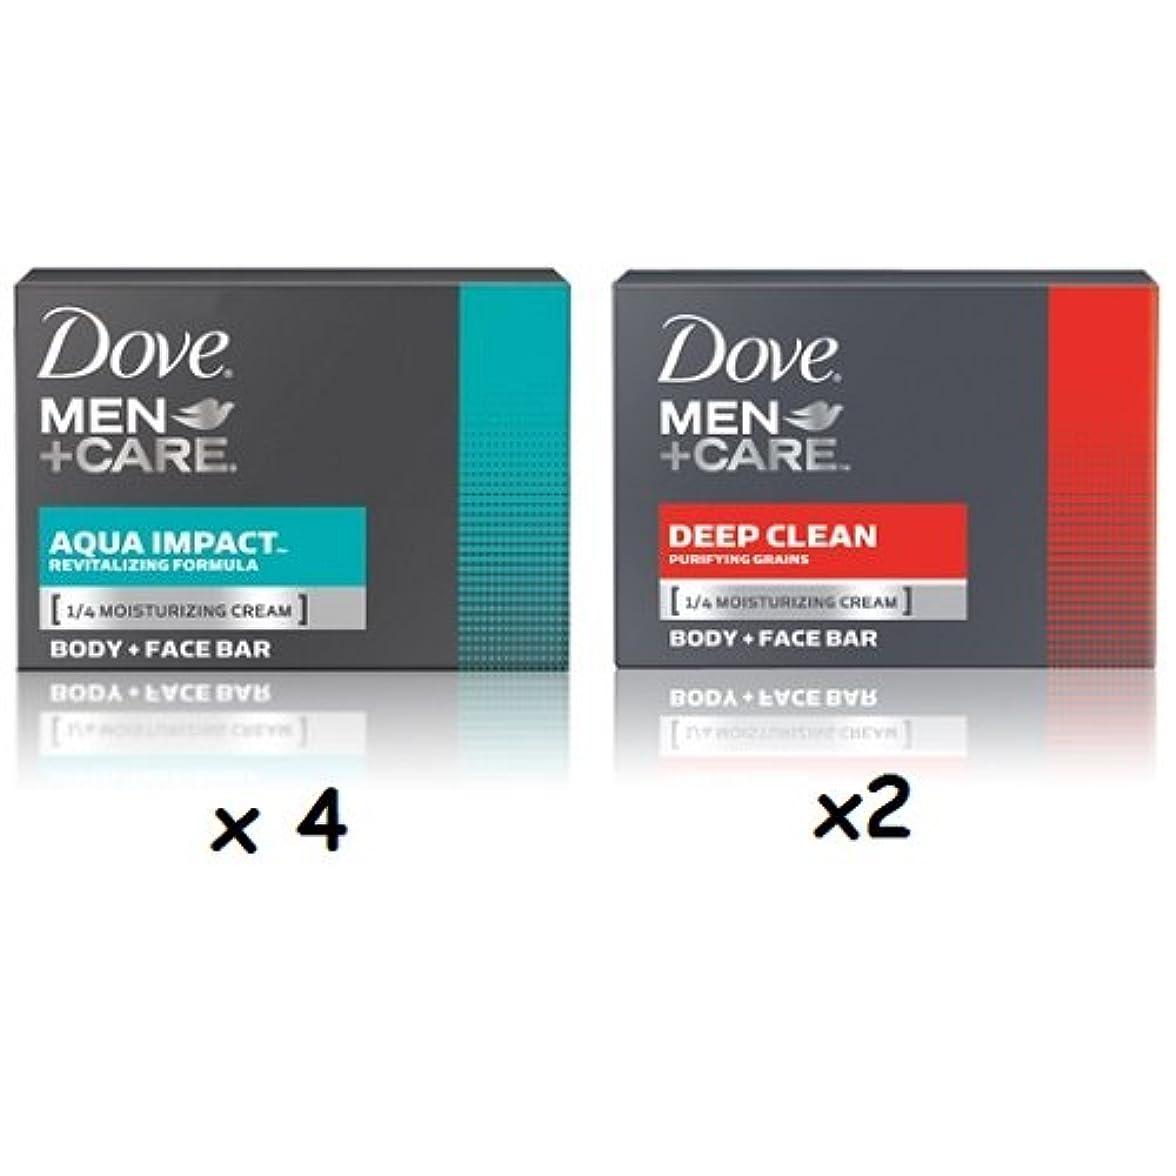 フェロー諸島モザイク報酬【6個セット】Dove MEN+CARE Body&Face Bar Soap (4ozx6) ダヴ メンズプラスケア 体&顔用の固形石鹸(113gx6)(Deep Clean 4個とAqua Impact2個 合計6個セット)